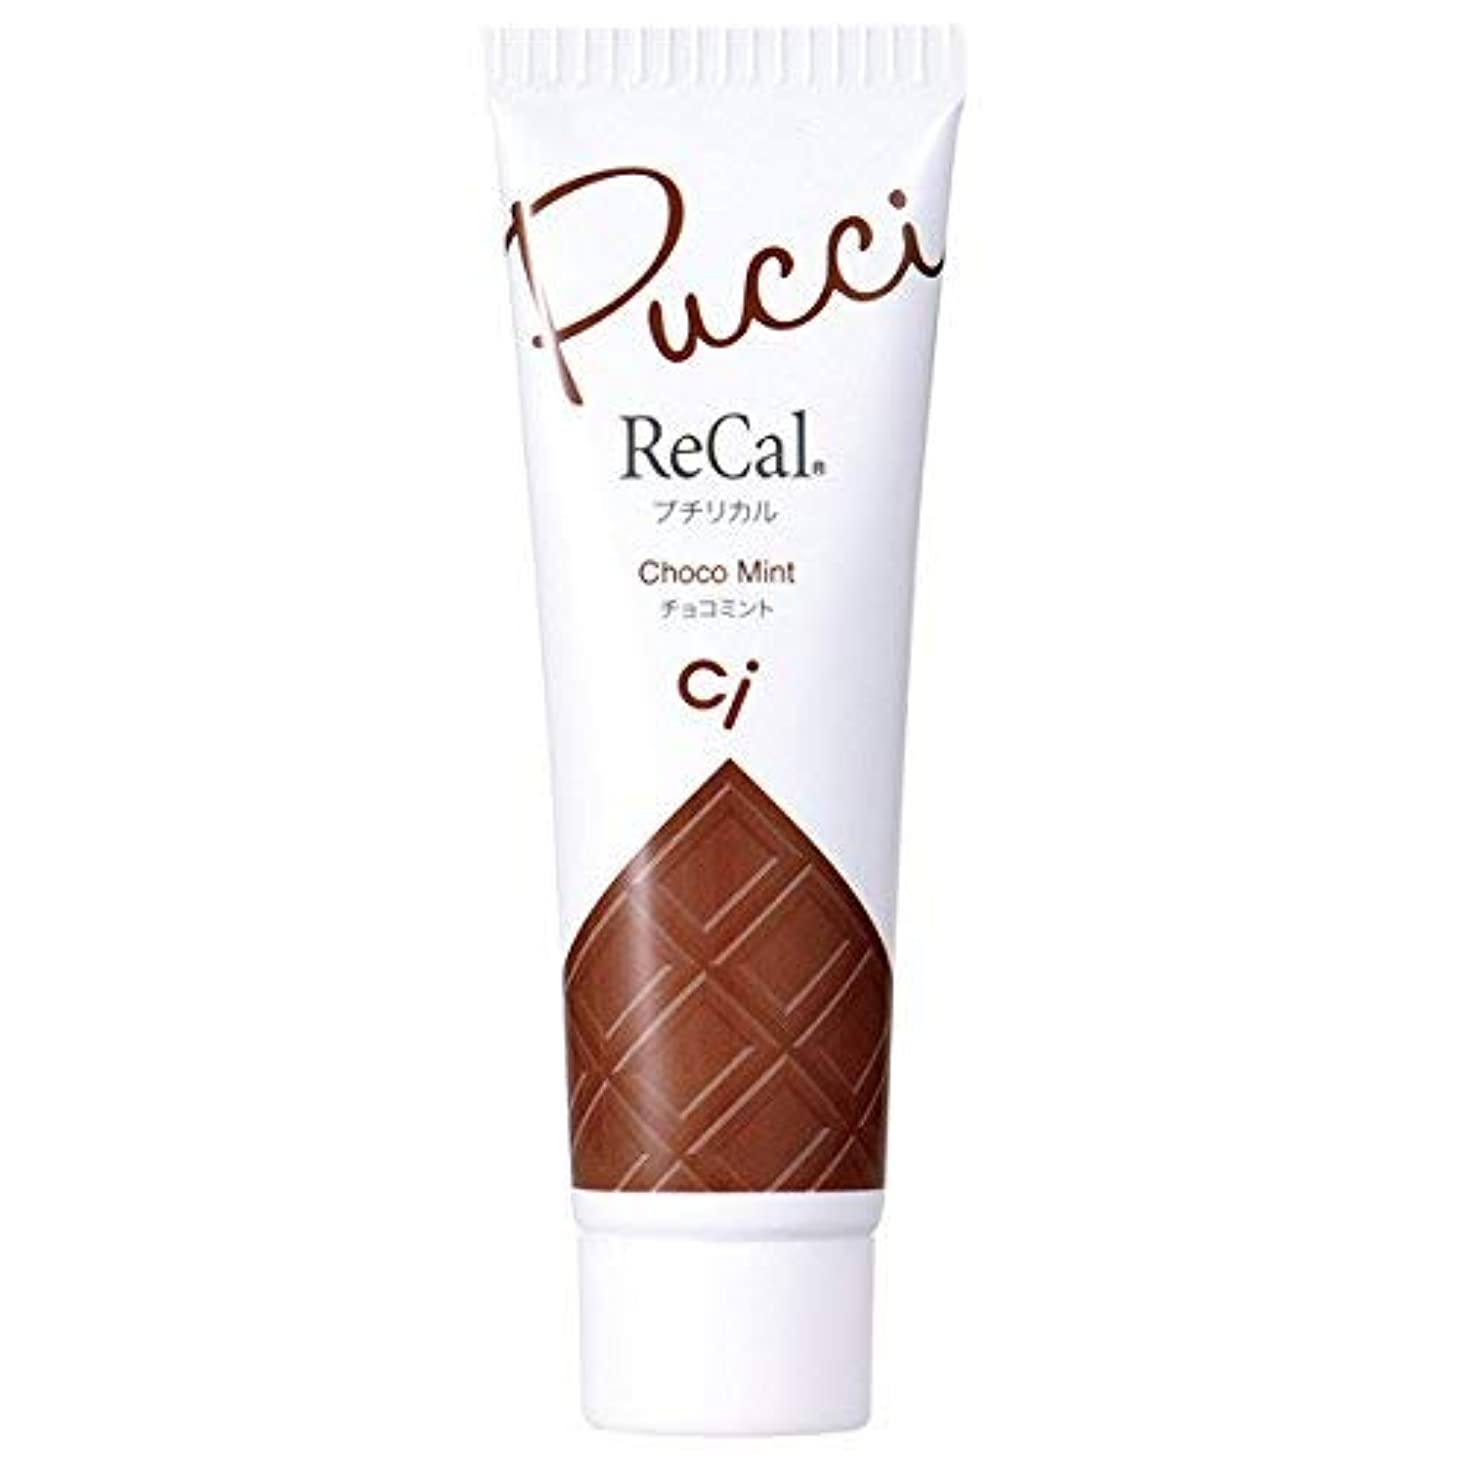 スピーカー人柄法律によりCi プチリカル チョコミント 1本(30g) 歯科専売品